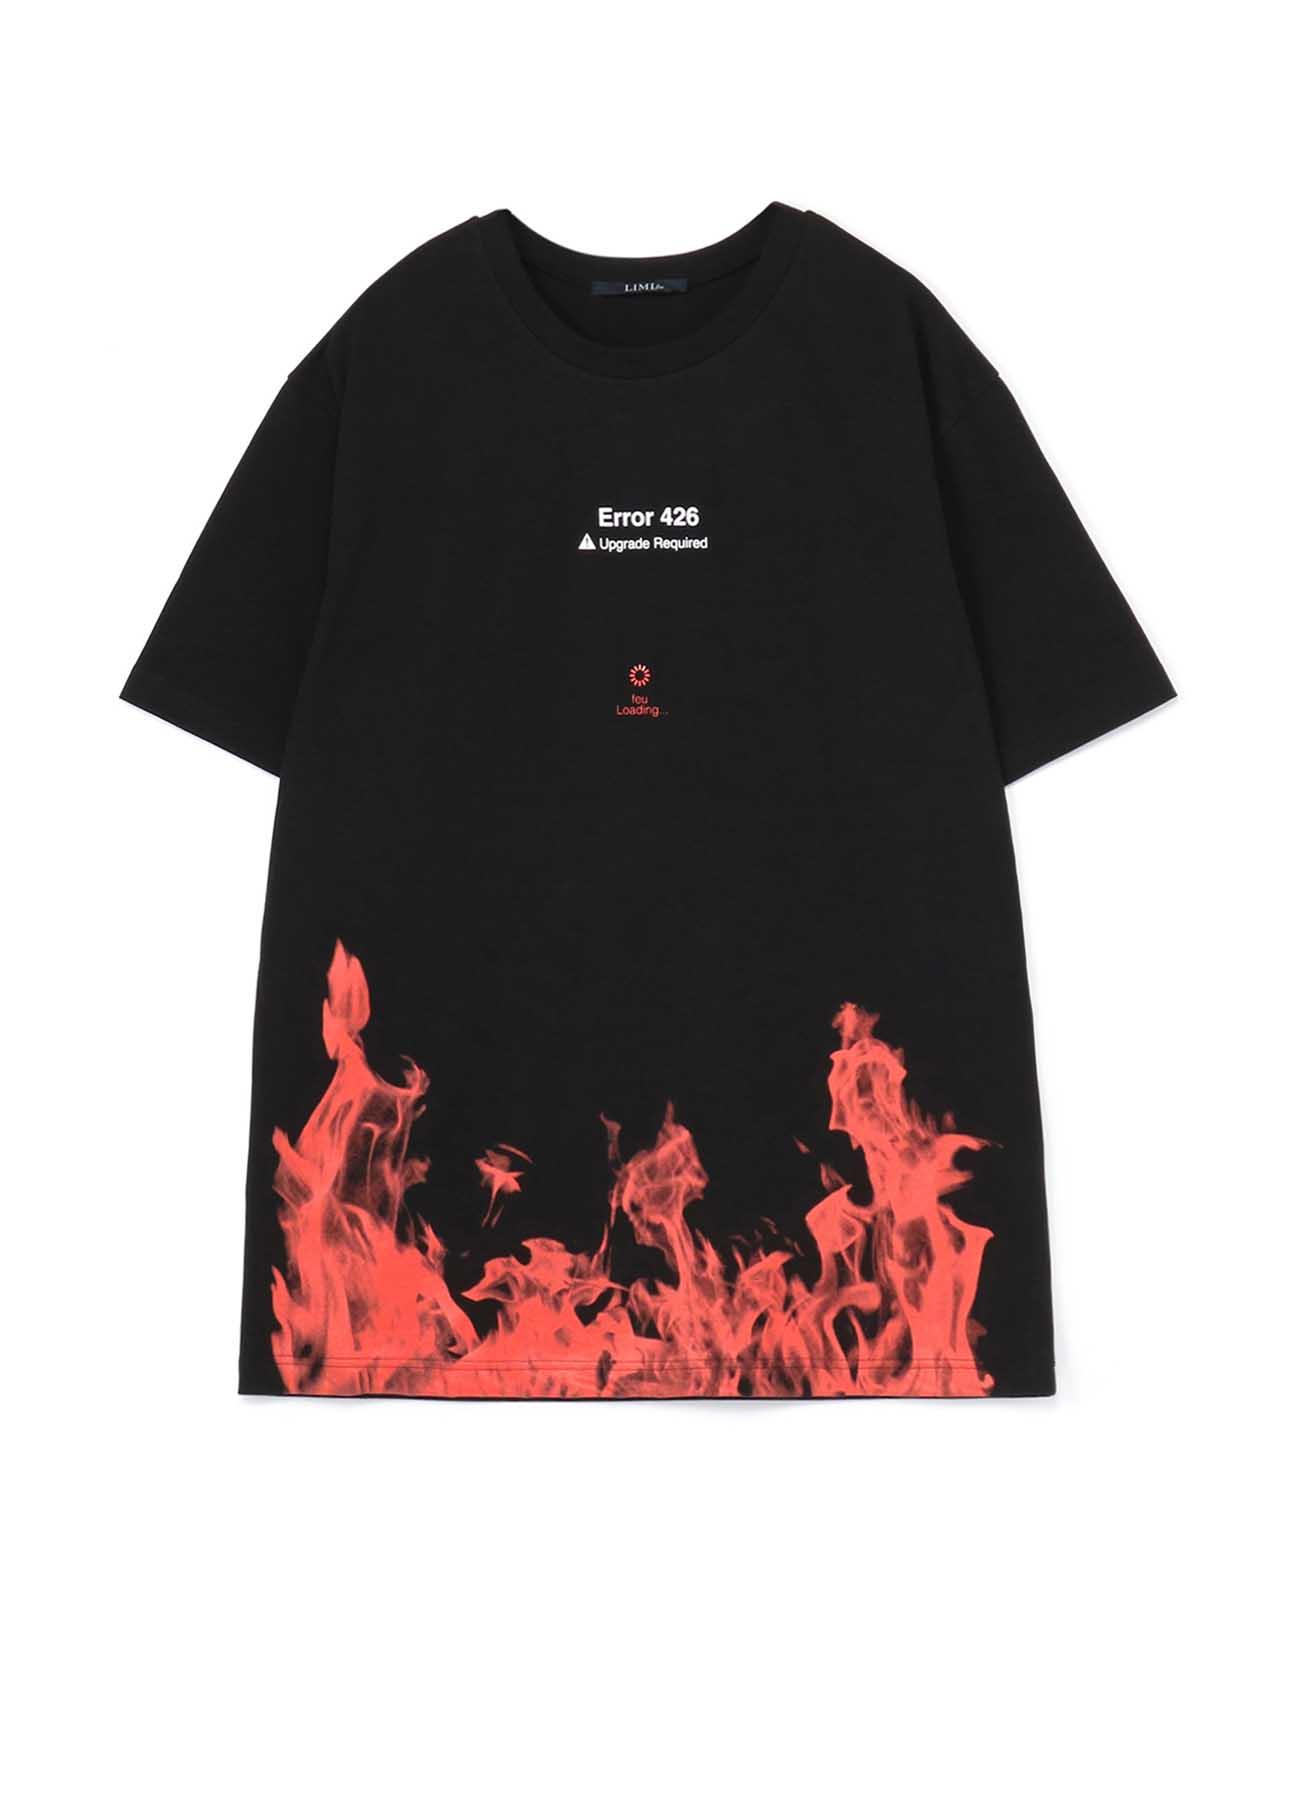 feu Loading Print Oversized T-Shirt